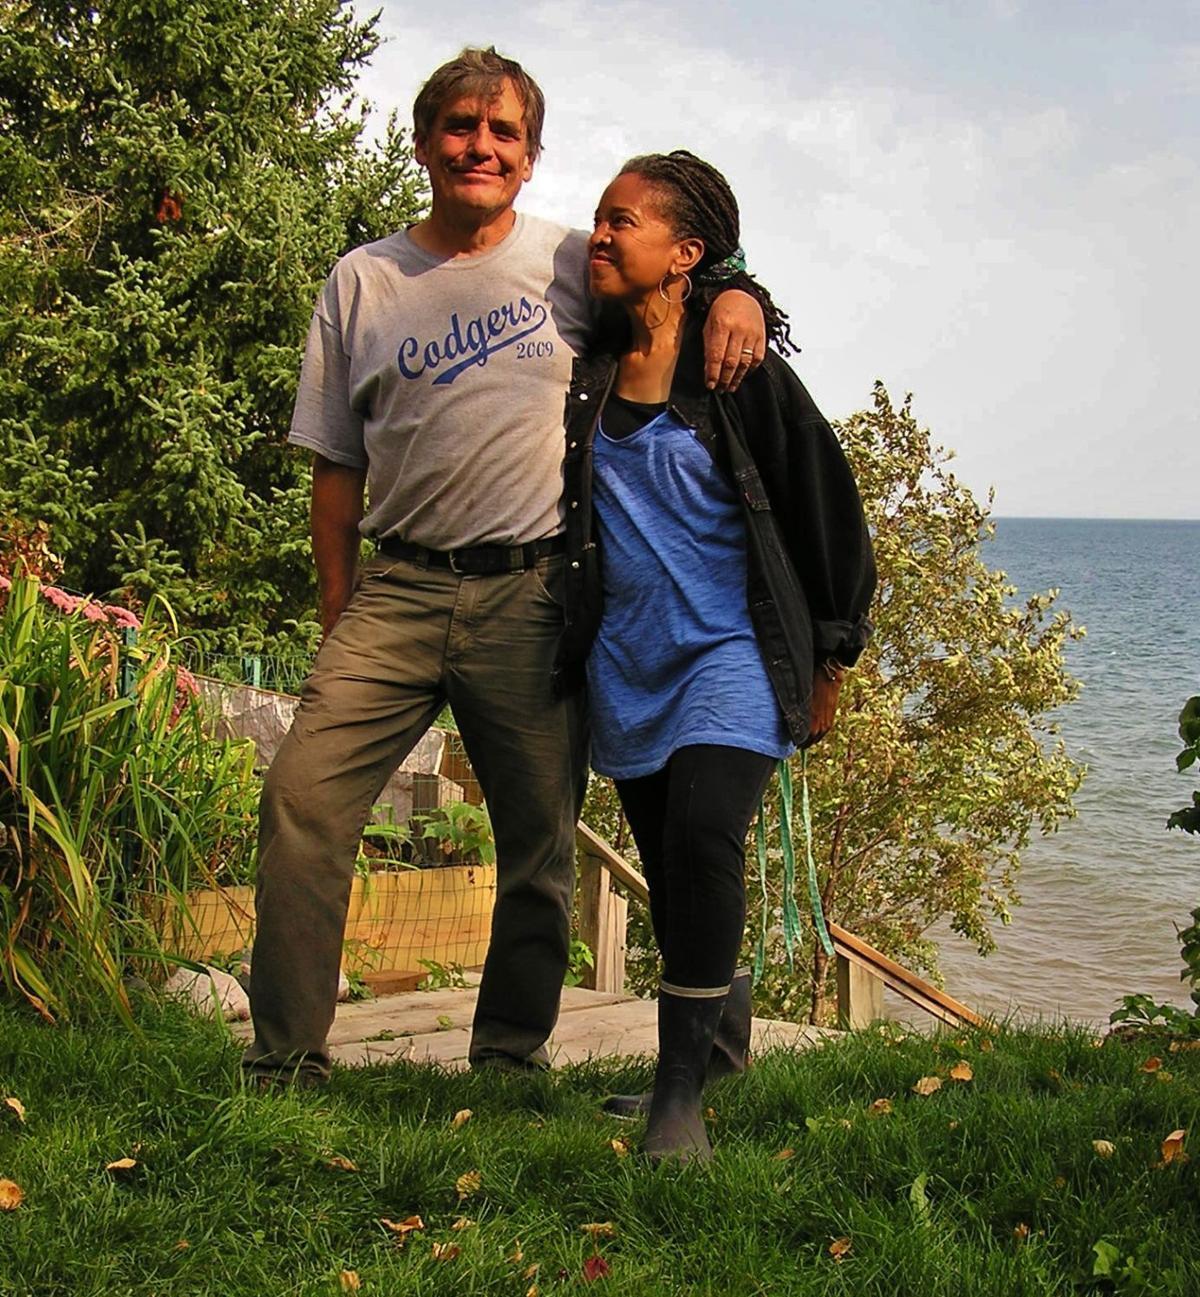 Jeff Theune and Regina Laroche